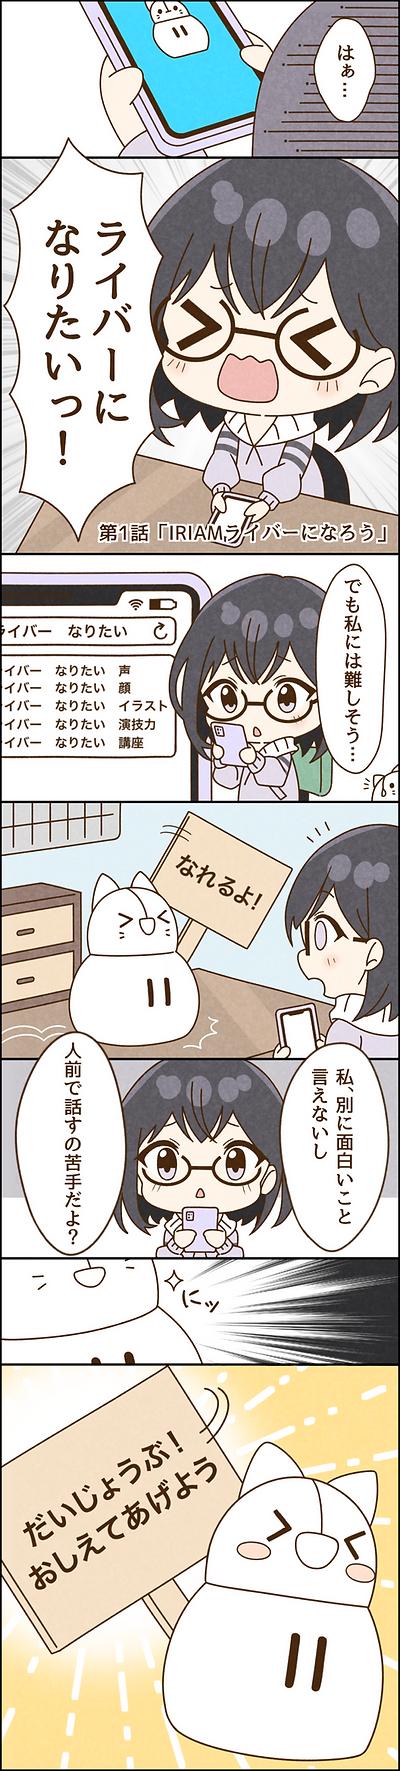 manga-ep1.png